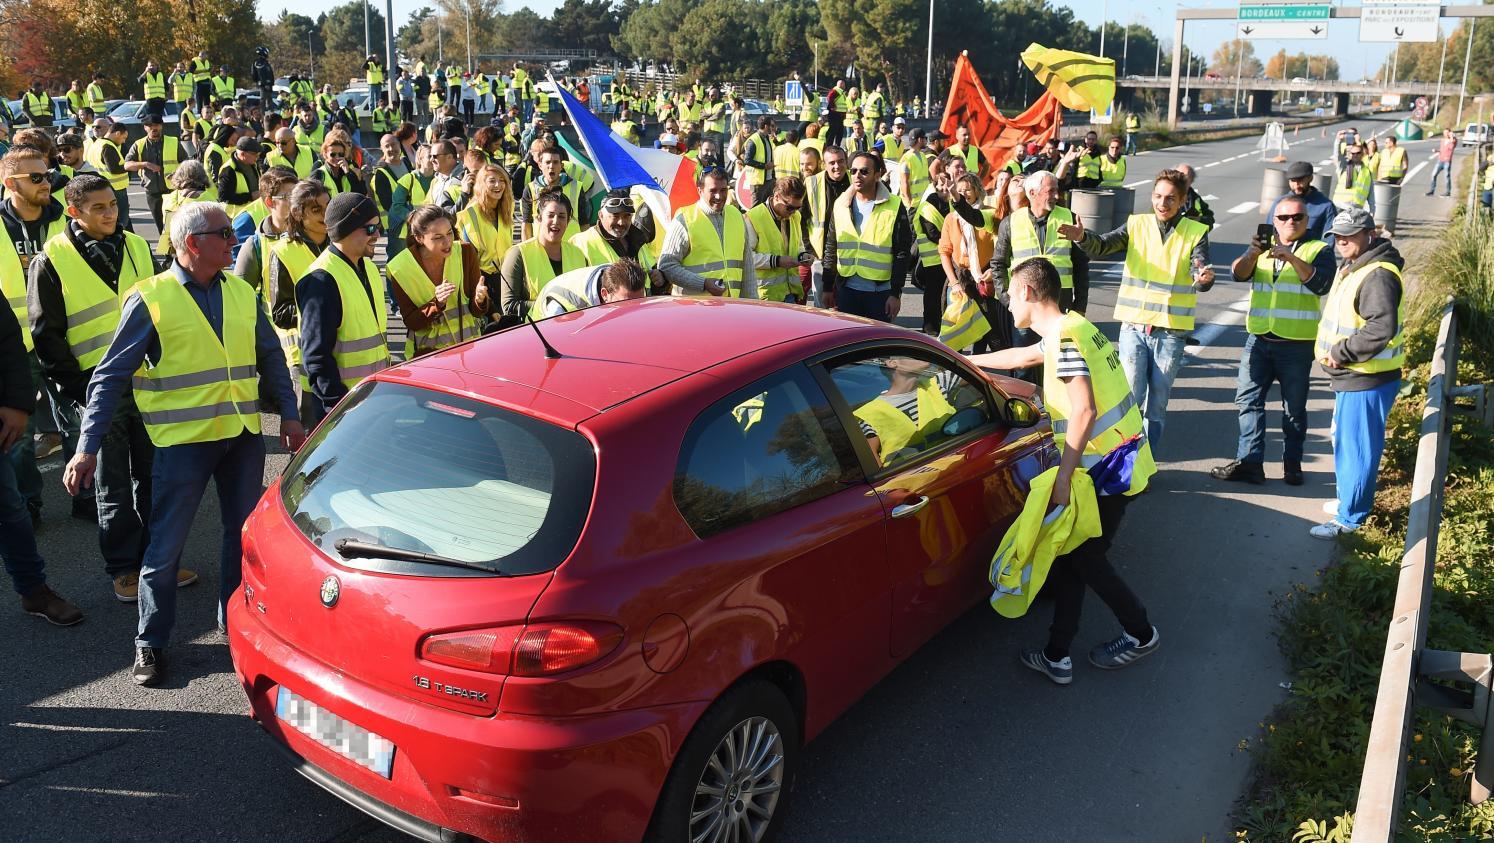 mobilisation des gilets jaunes pourquoi les blocages du 17 novembre ont d g n r. Black Bedroom Furniture Sets. Home Design Ideas